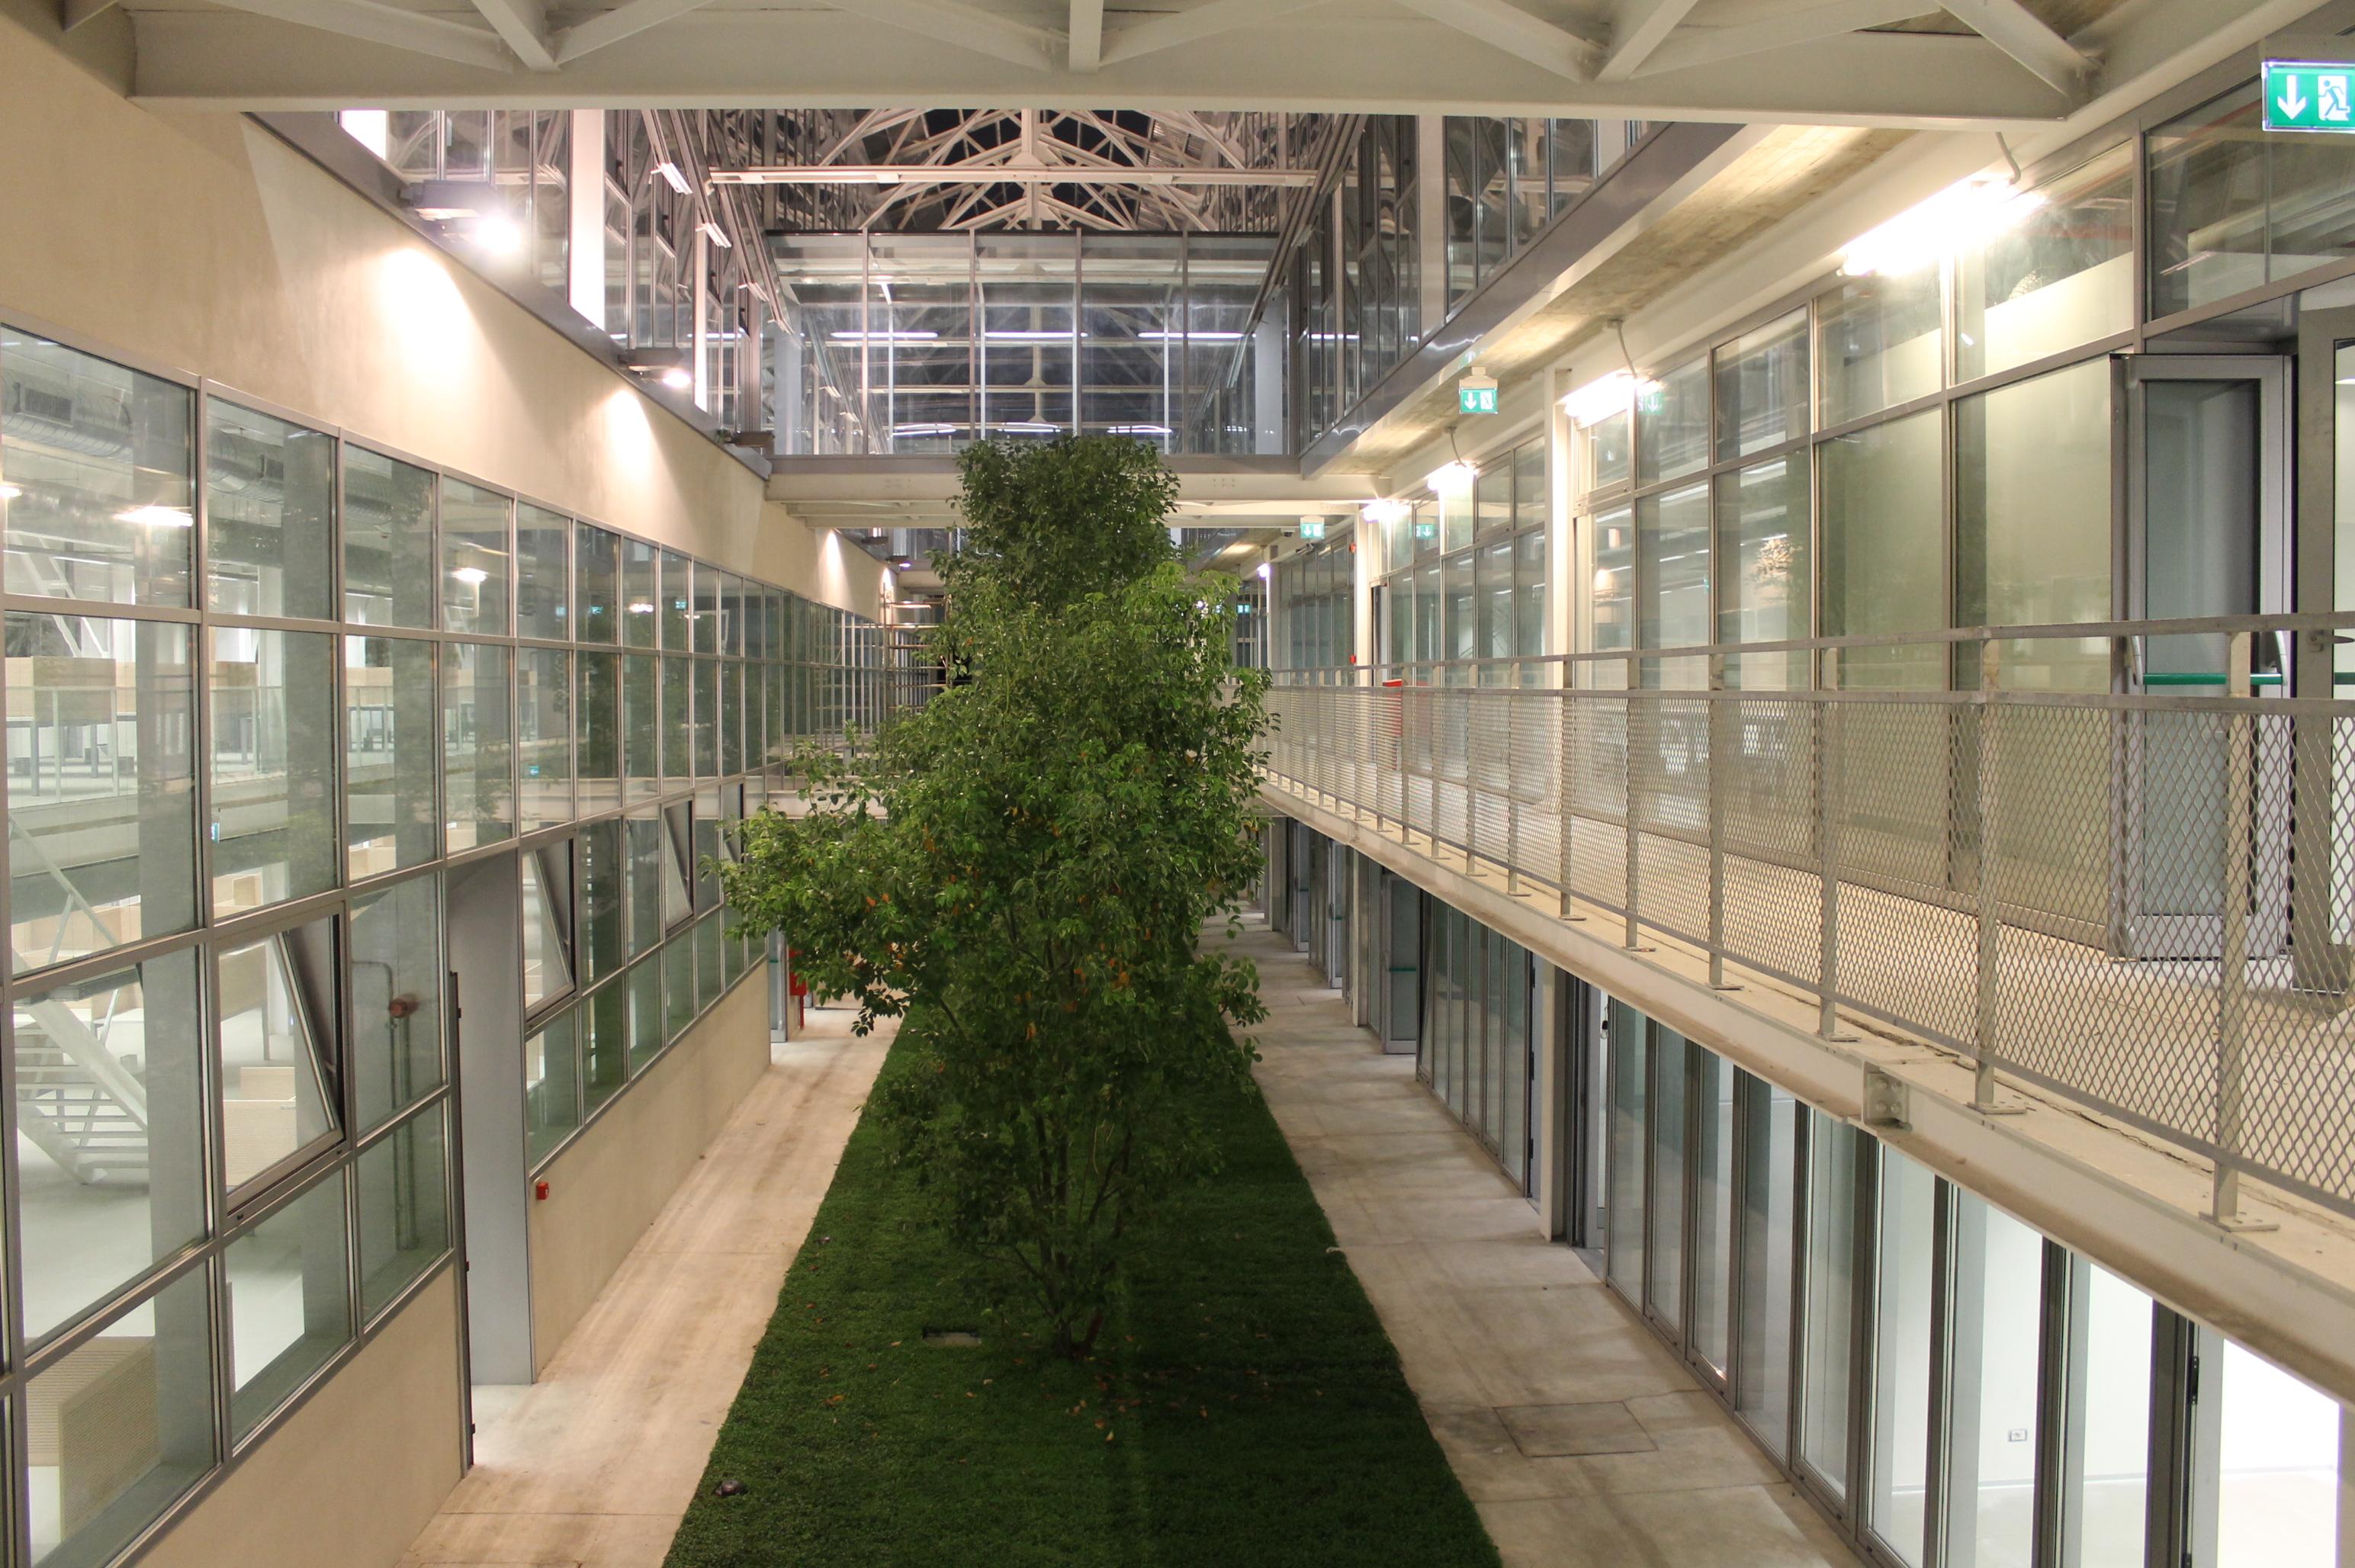 Architettura e natura recupero di un edificio industriale for Architettura natura